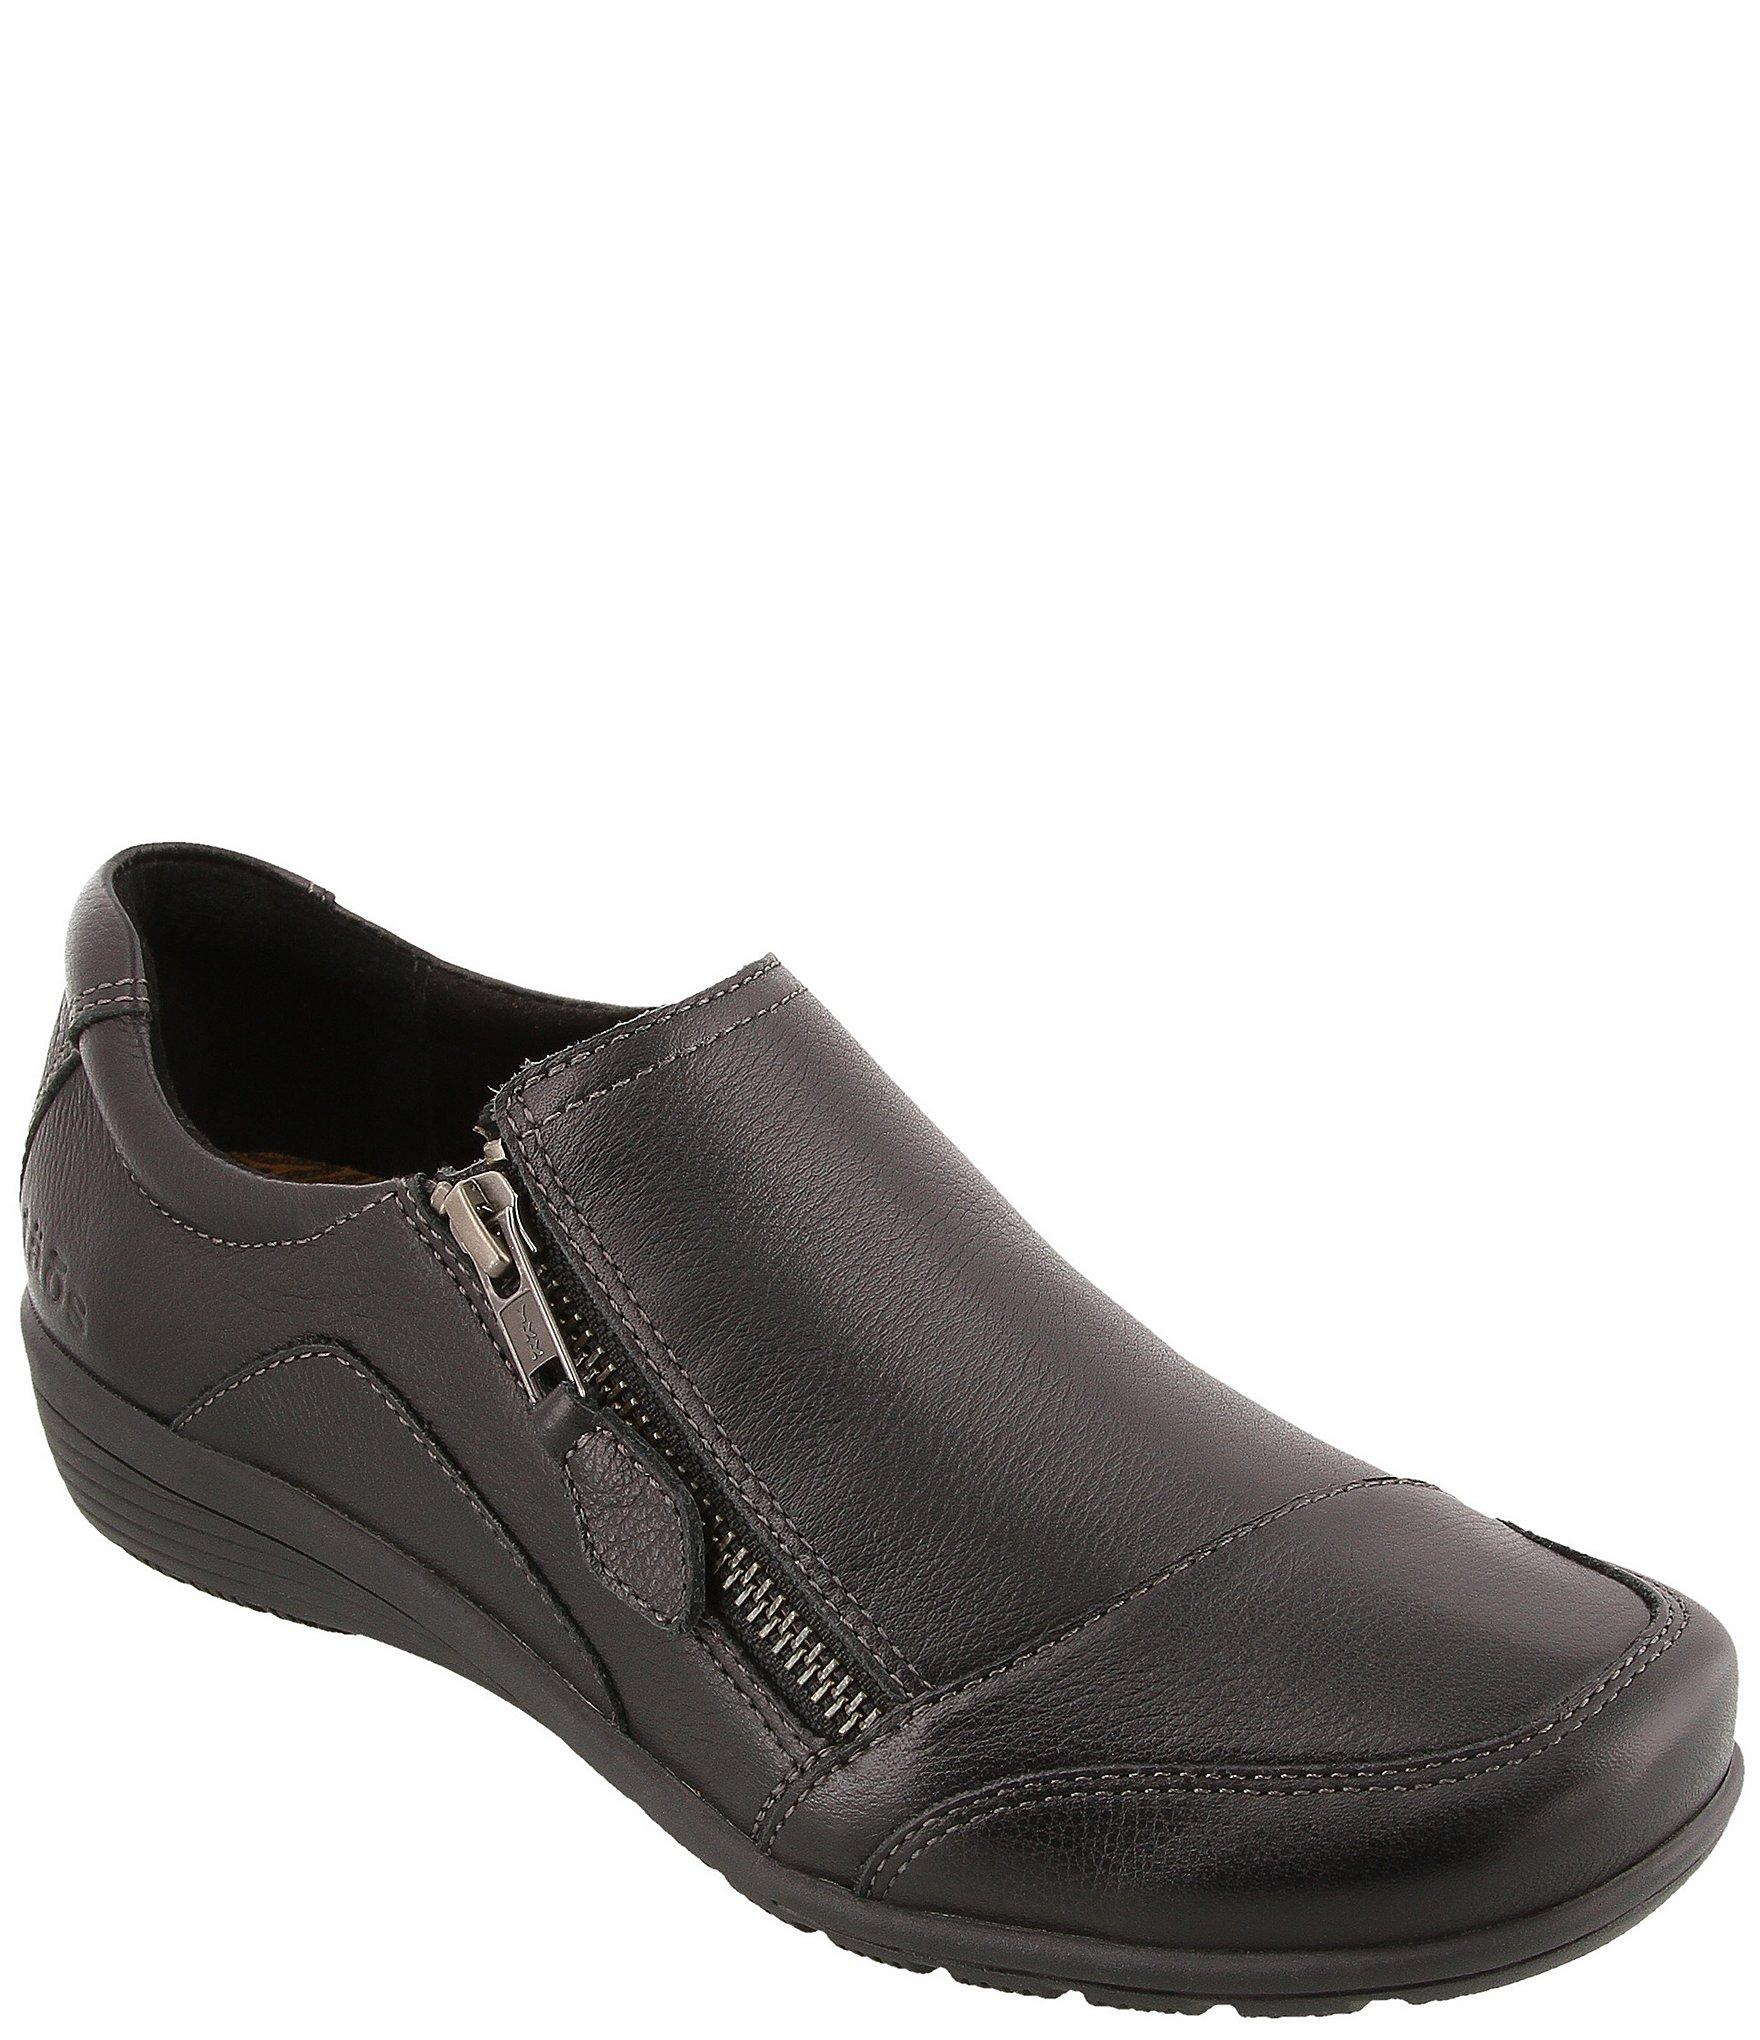 Taos Footwear Women's Wide Width Shoes